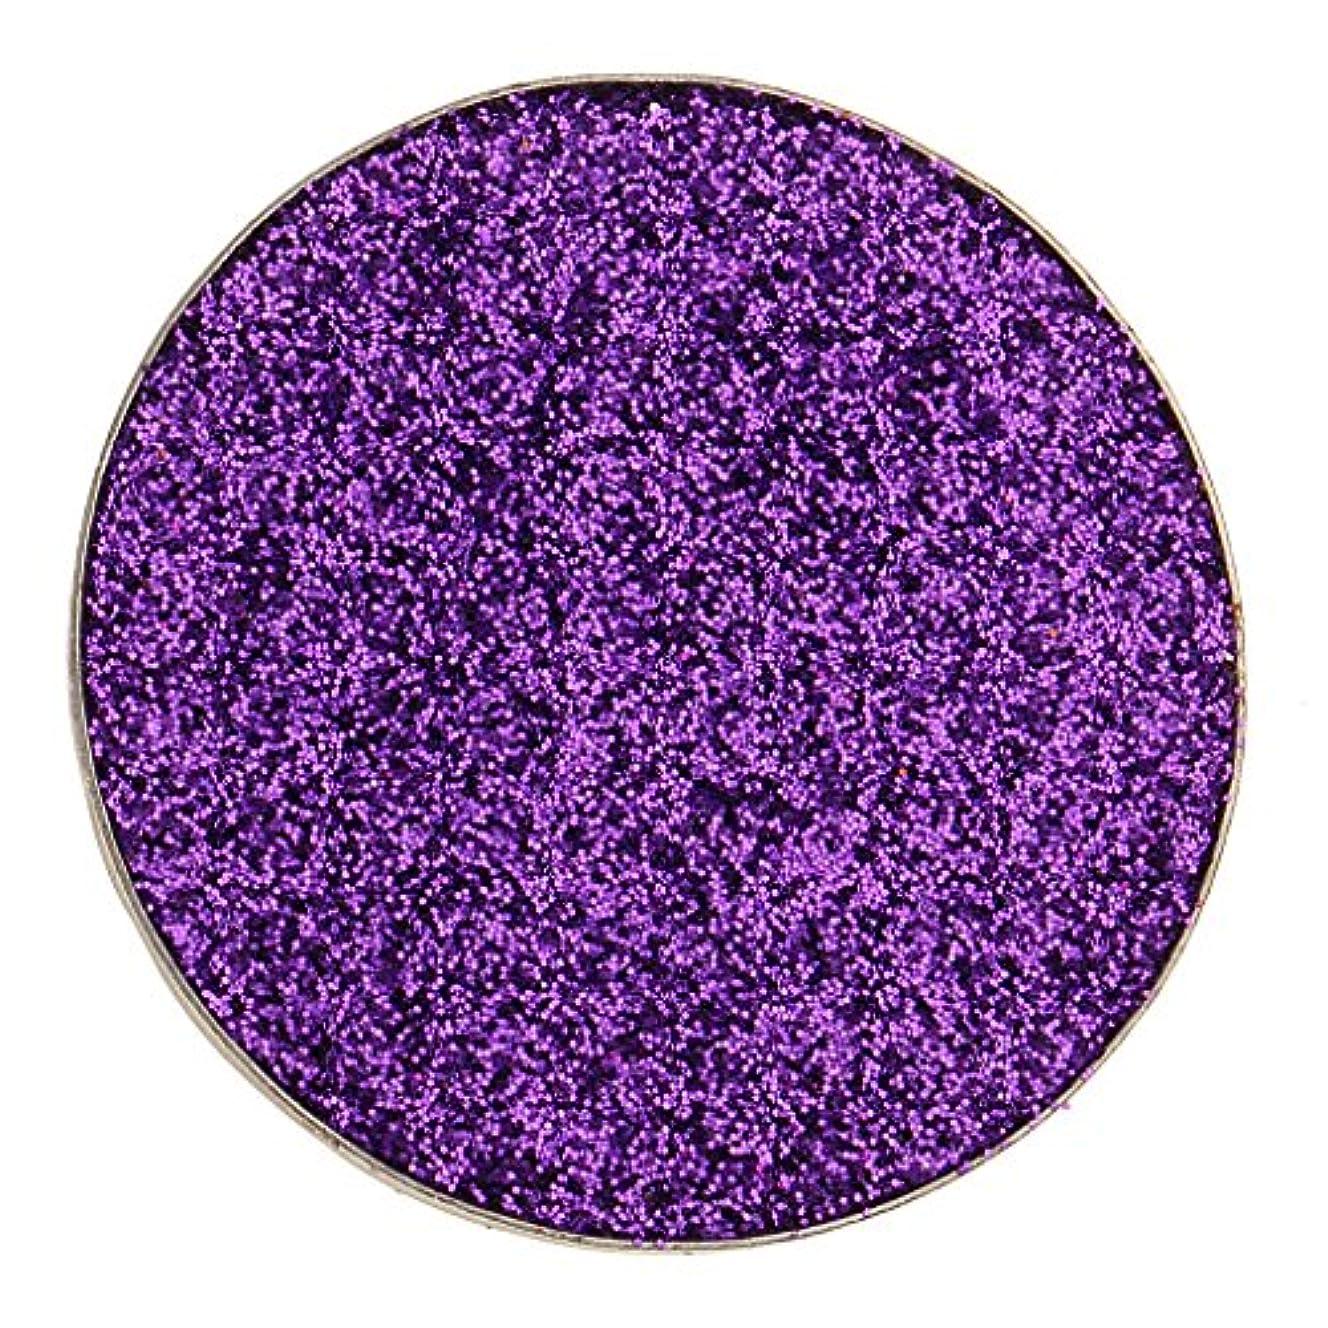 ビート宴会無条件Toygogo スパークリングダイヤモンドキラキラシマーコスメティックメイクアッププレスドパウダーアイシャドウピグメントスモーキーパーティーアイシャドウパレット5色緑赤紫シルバーマルチ - 紫